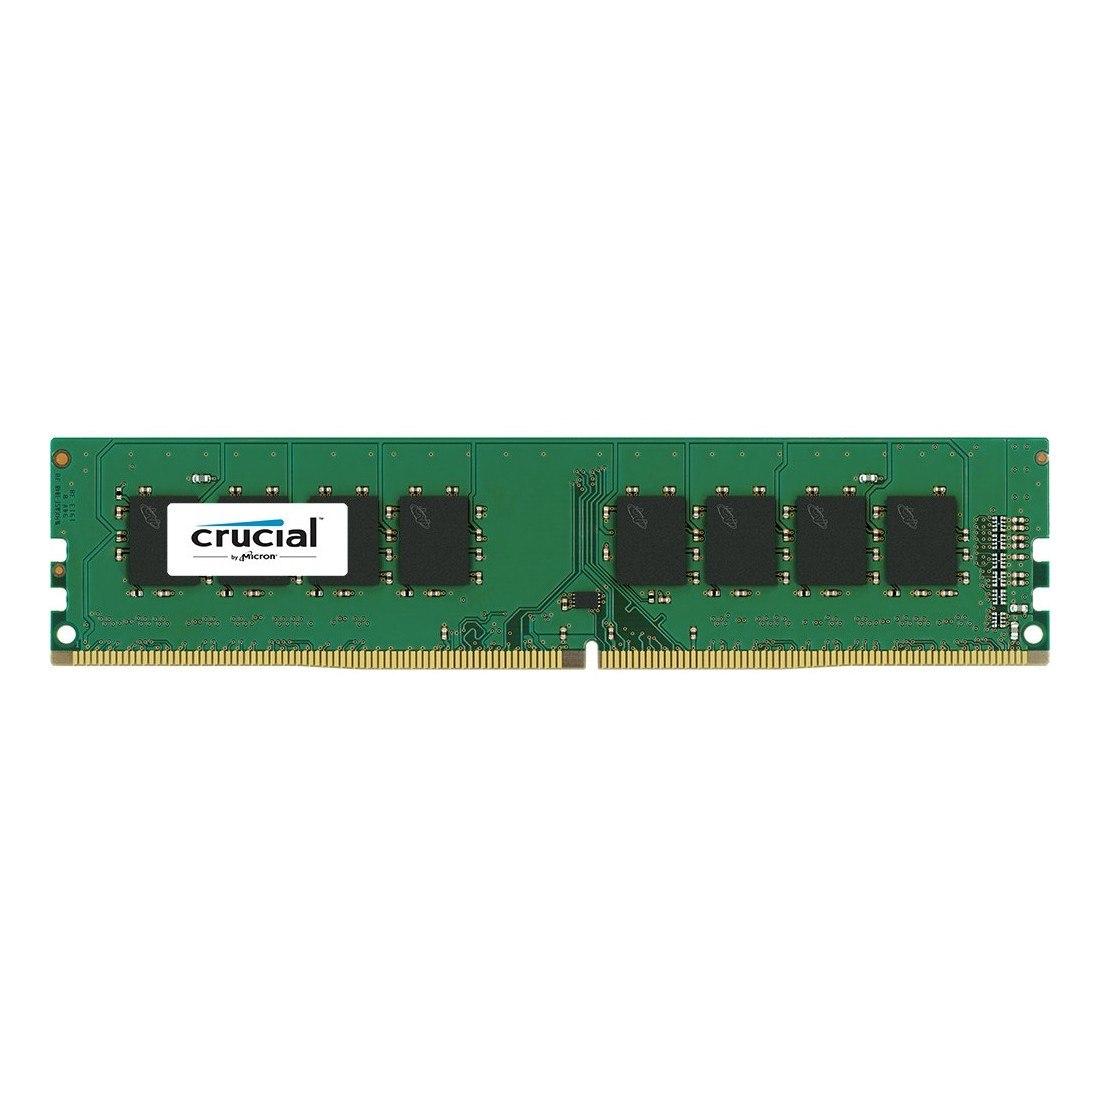 Crucial RAM Module - 4 GB - DDR4-2400/PC4-19200 DDR4 SDRAM - CL17 - 1.20 V